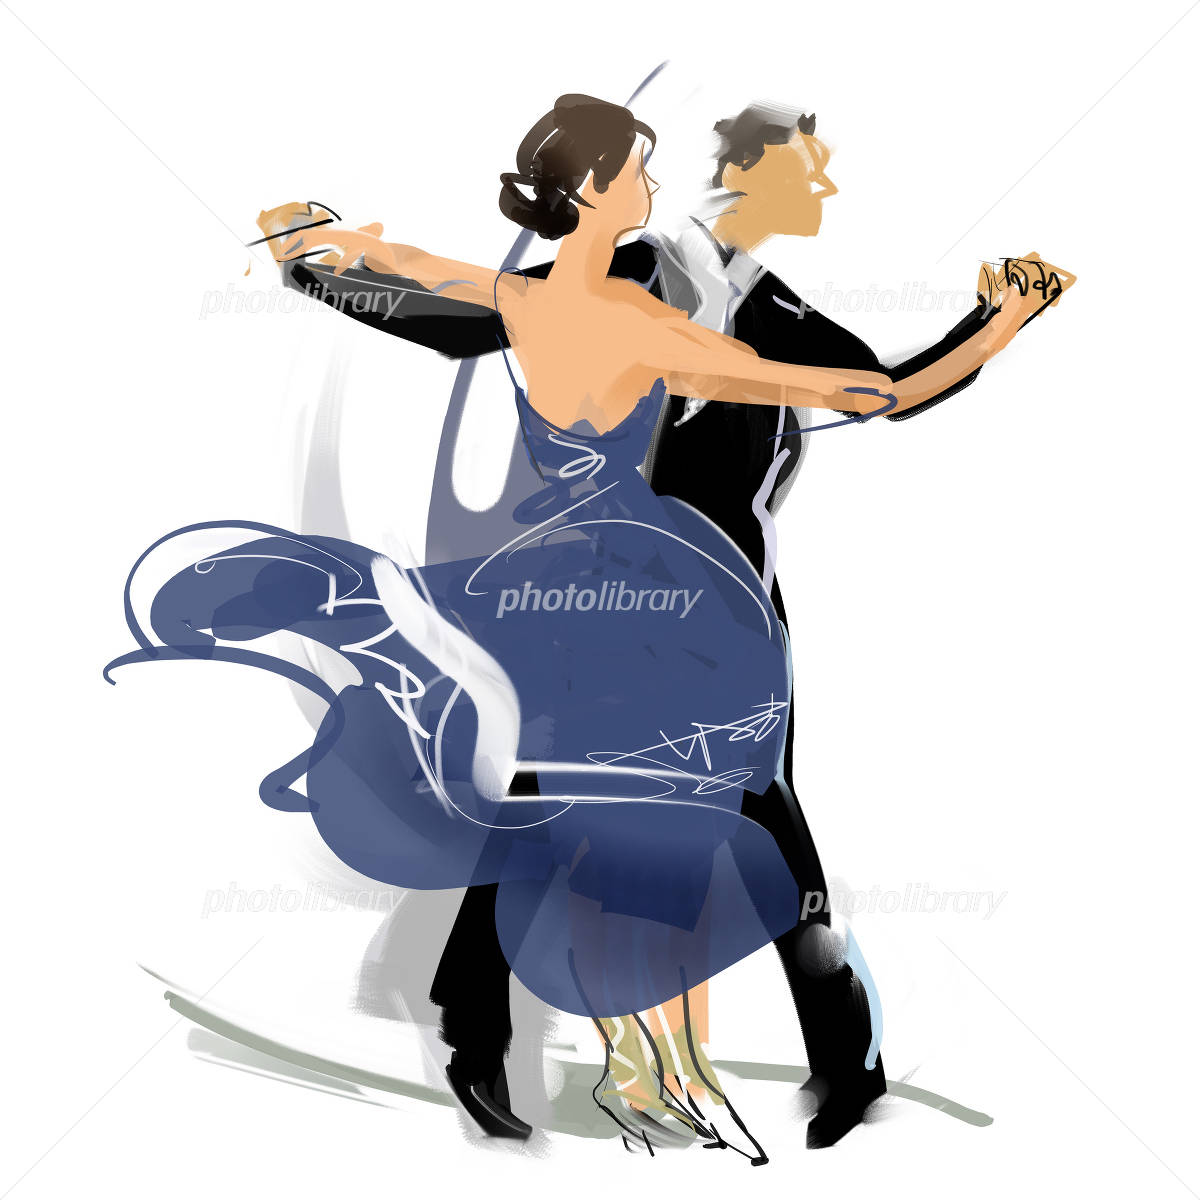 社交ダンス イラスト素材 2259062 フォトライブラリー Photolibrary